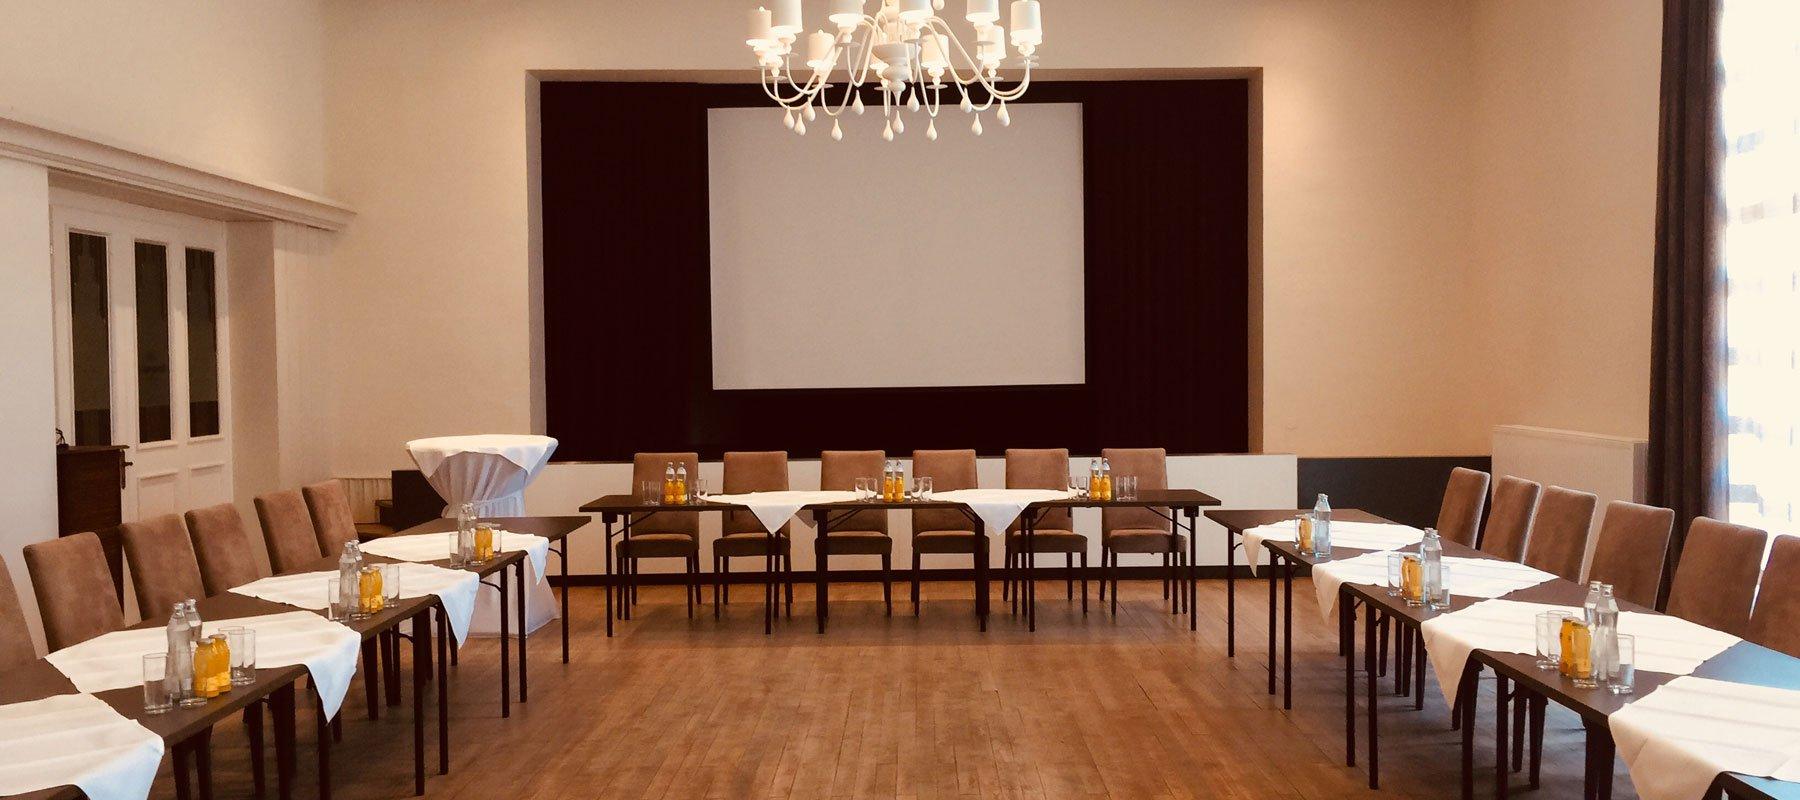 Seminarraum im Hotel Forstinger